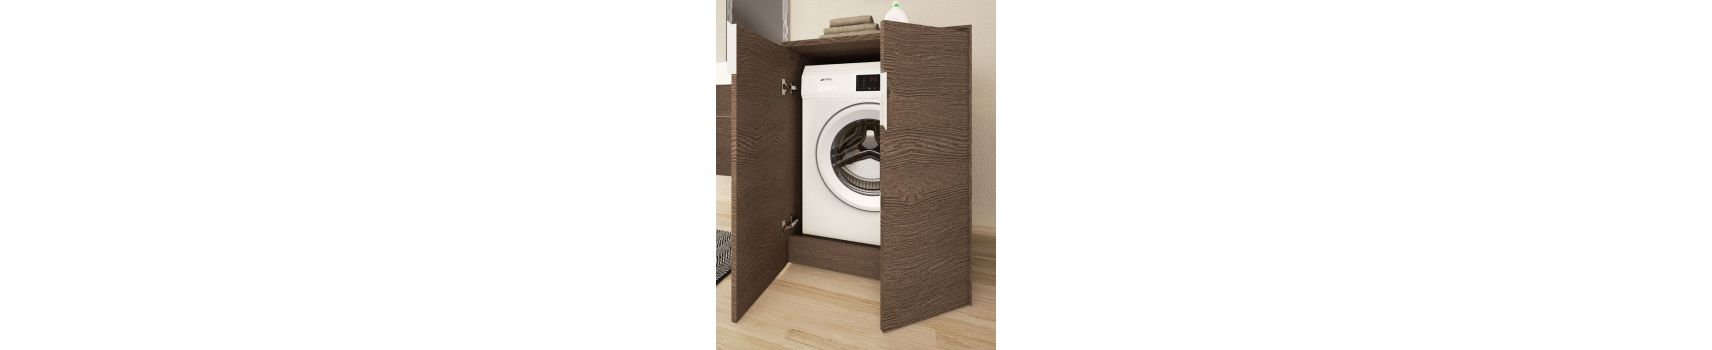 Mobili per lavanderia e lavatoi prodotti in Italia| Boleco